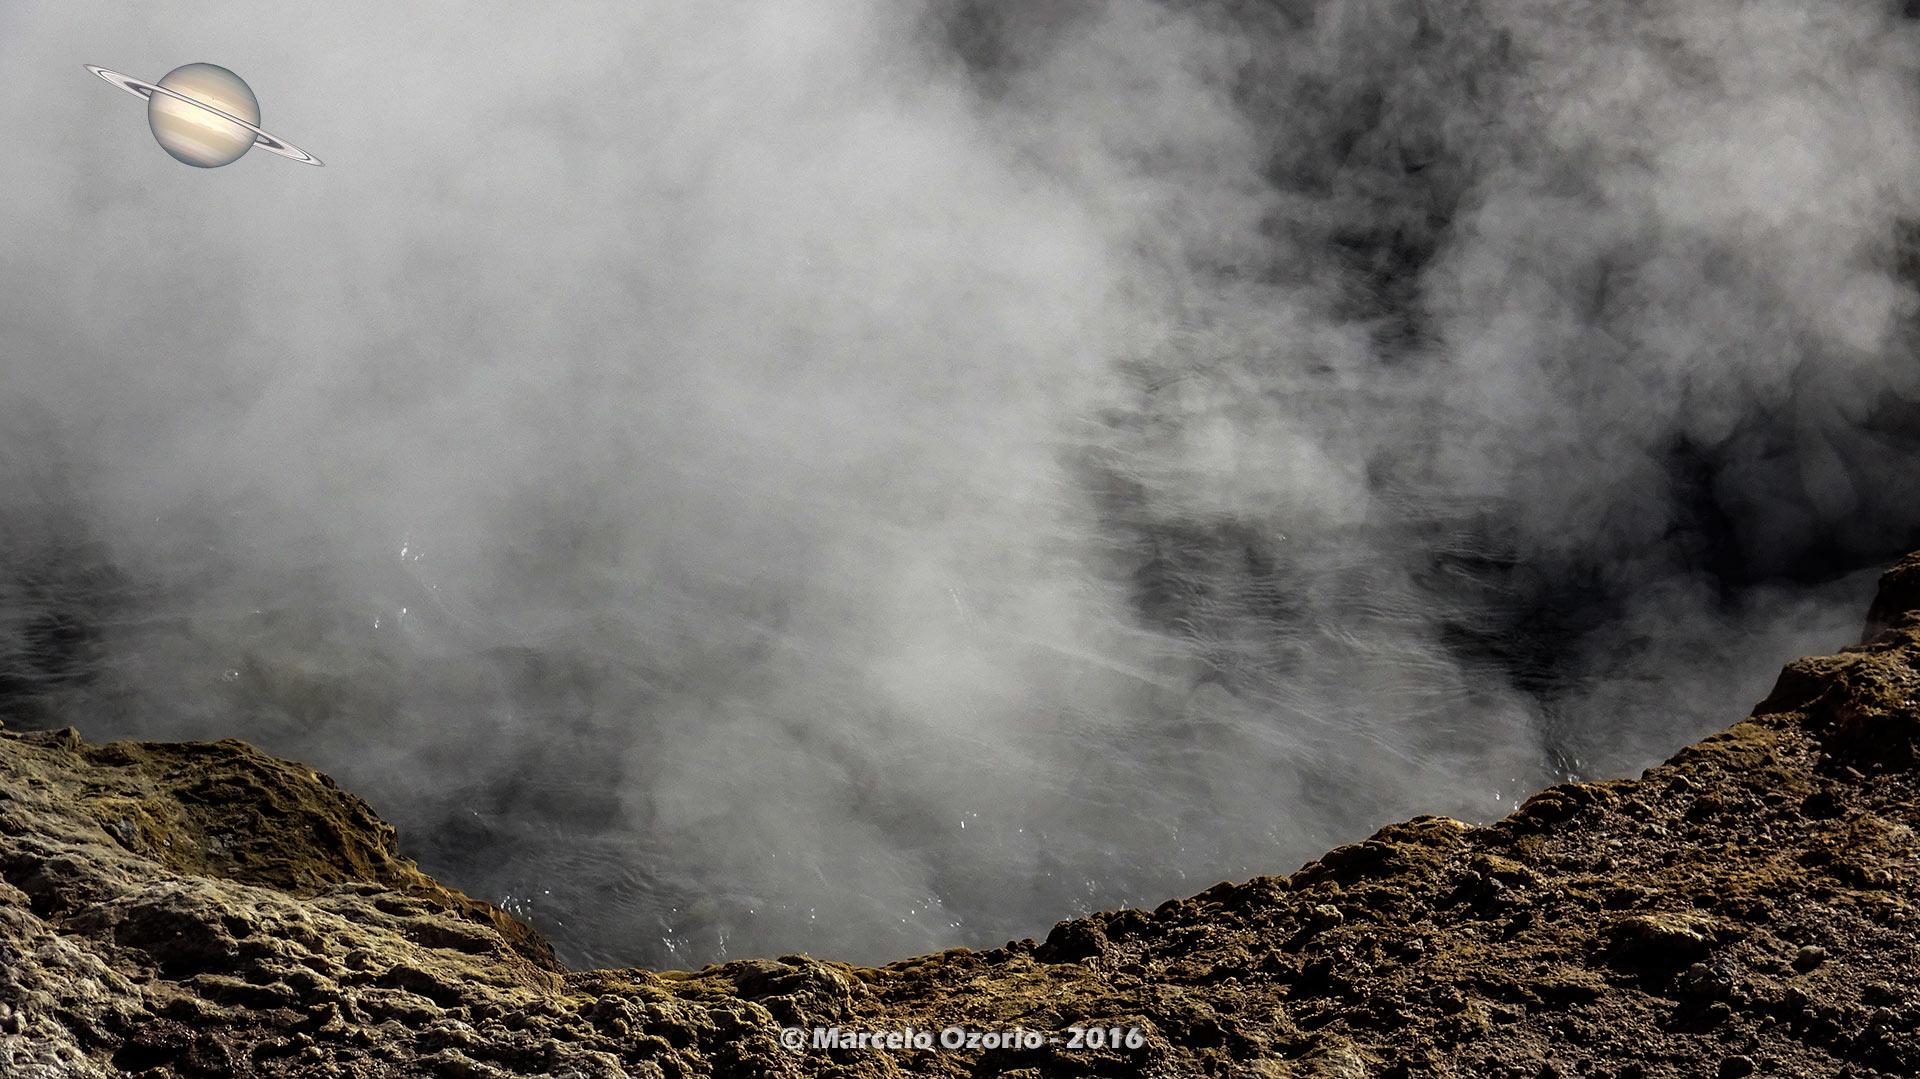 el tatio geysers atacama desert 27 - The Surreal El Tatio Geysers - Atacama Desert - Chile